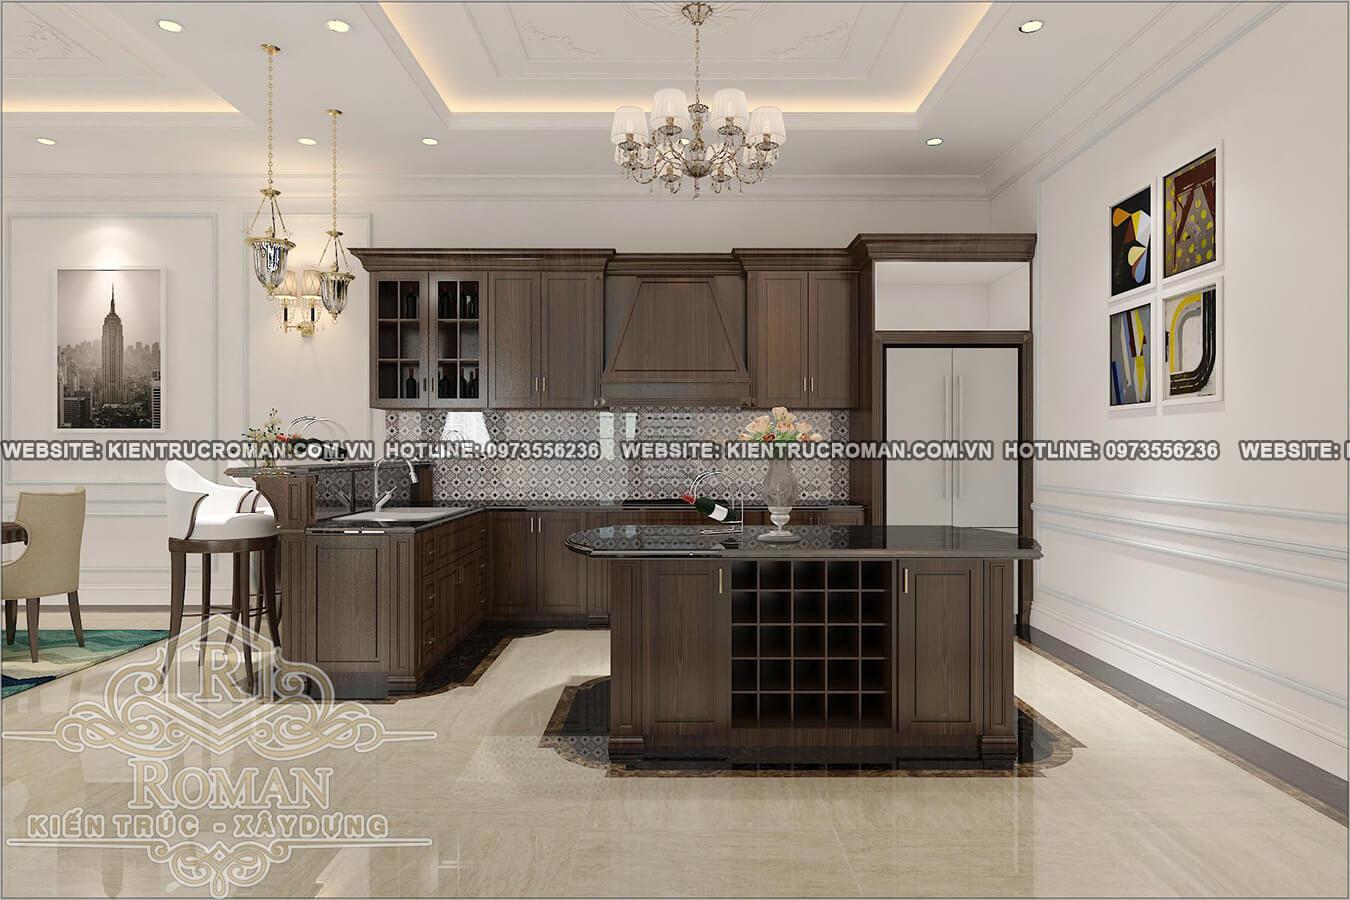 nhà bếp thiết kế biệt thự 3 tầng đẹp